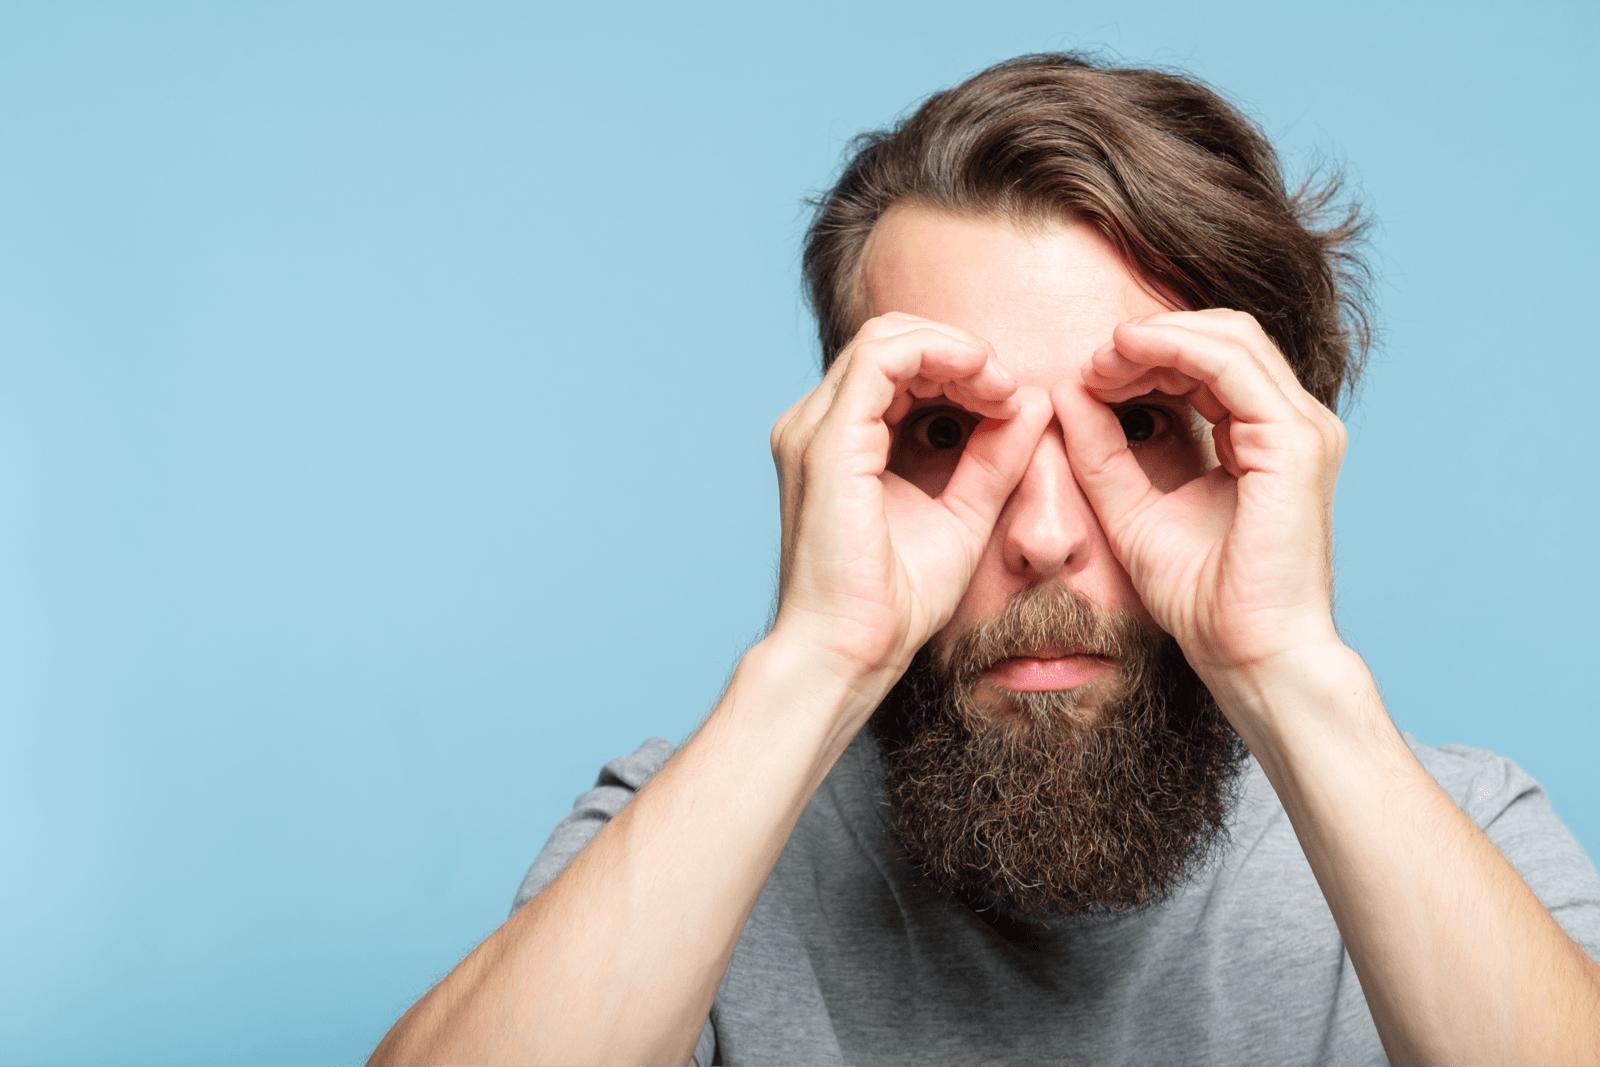 両手をメガネのように丸めて目に当てる男性